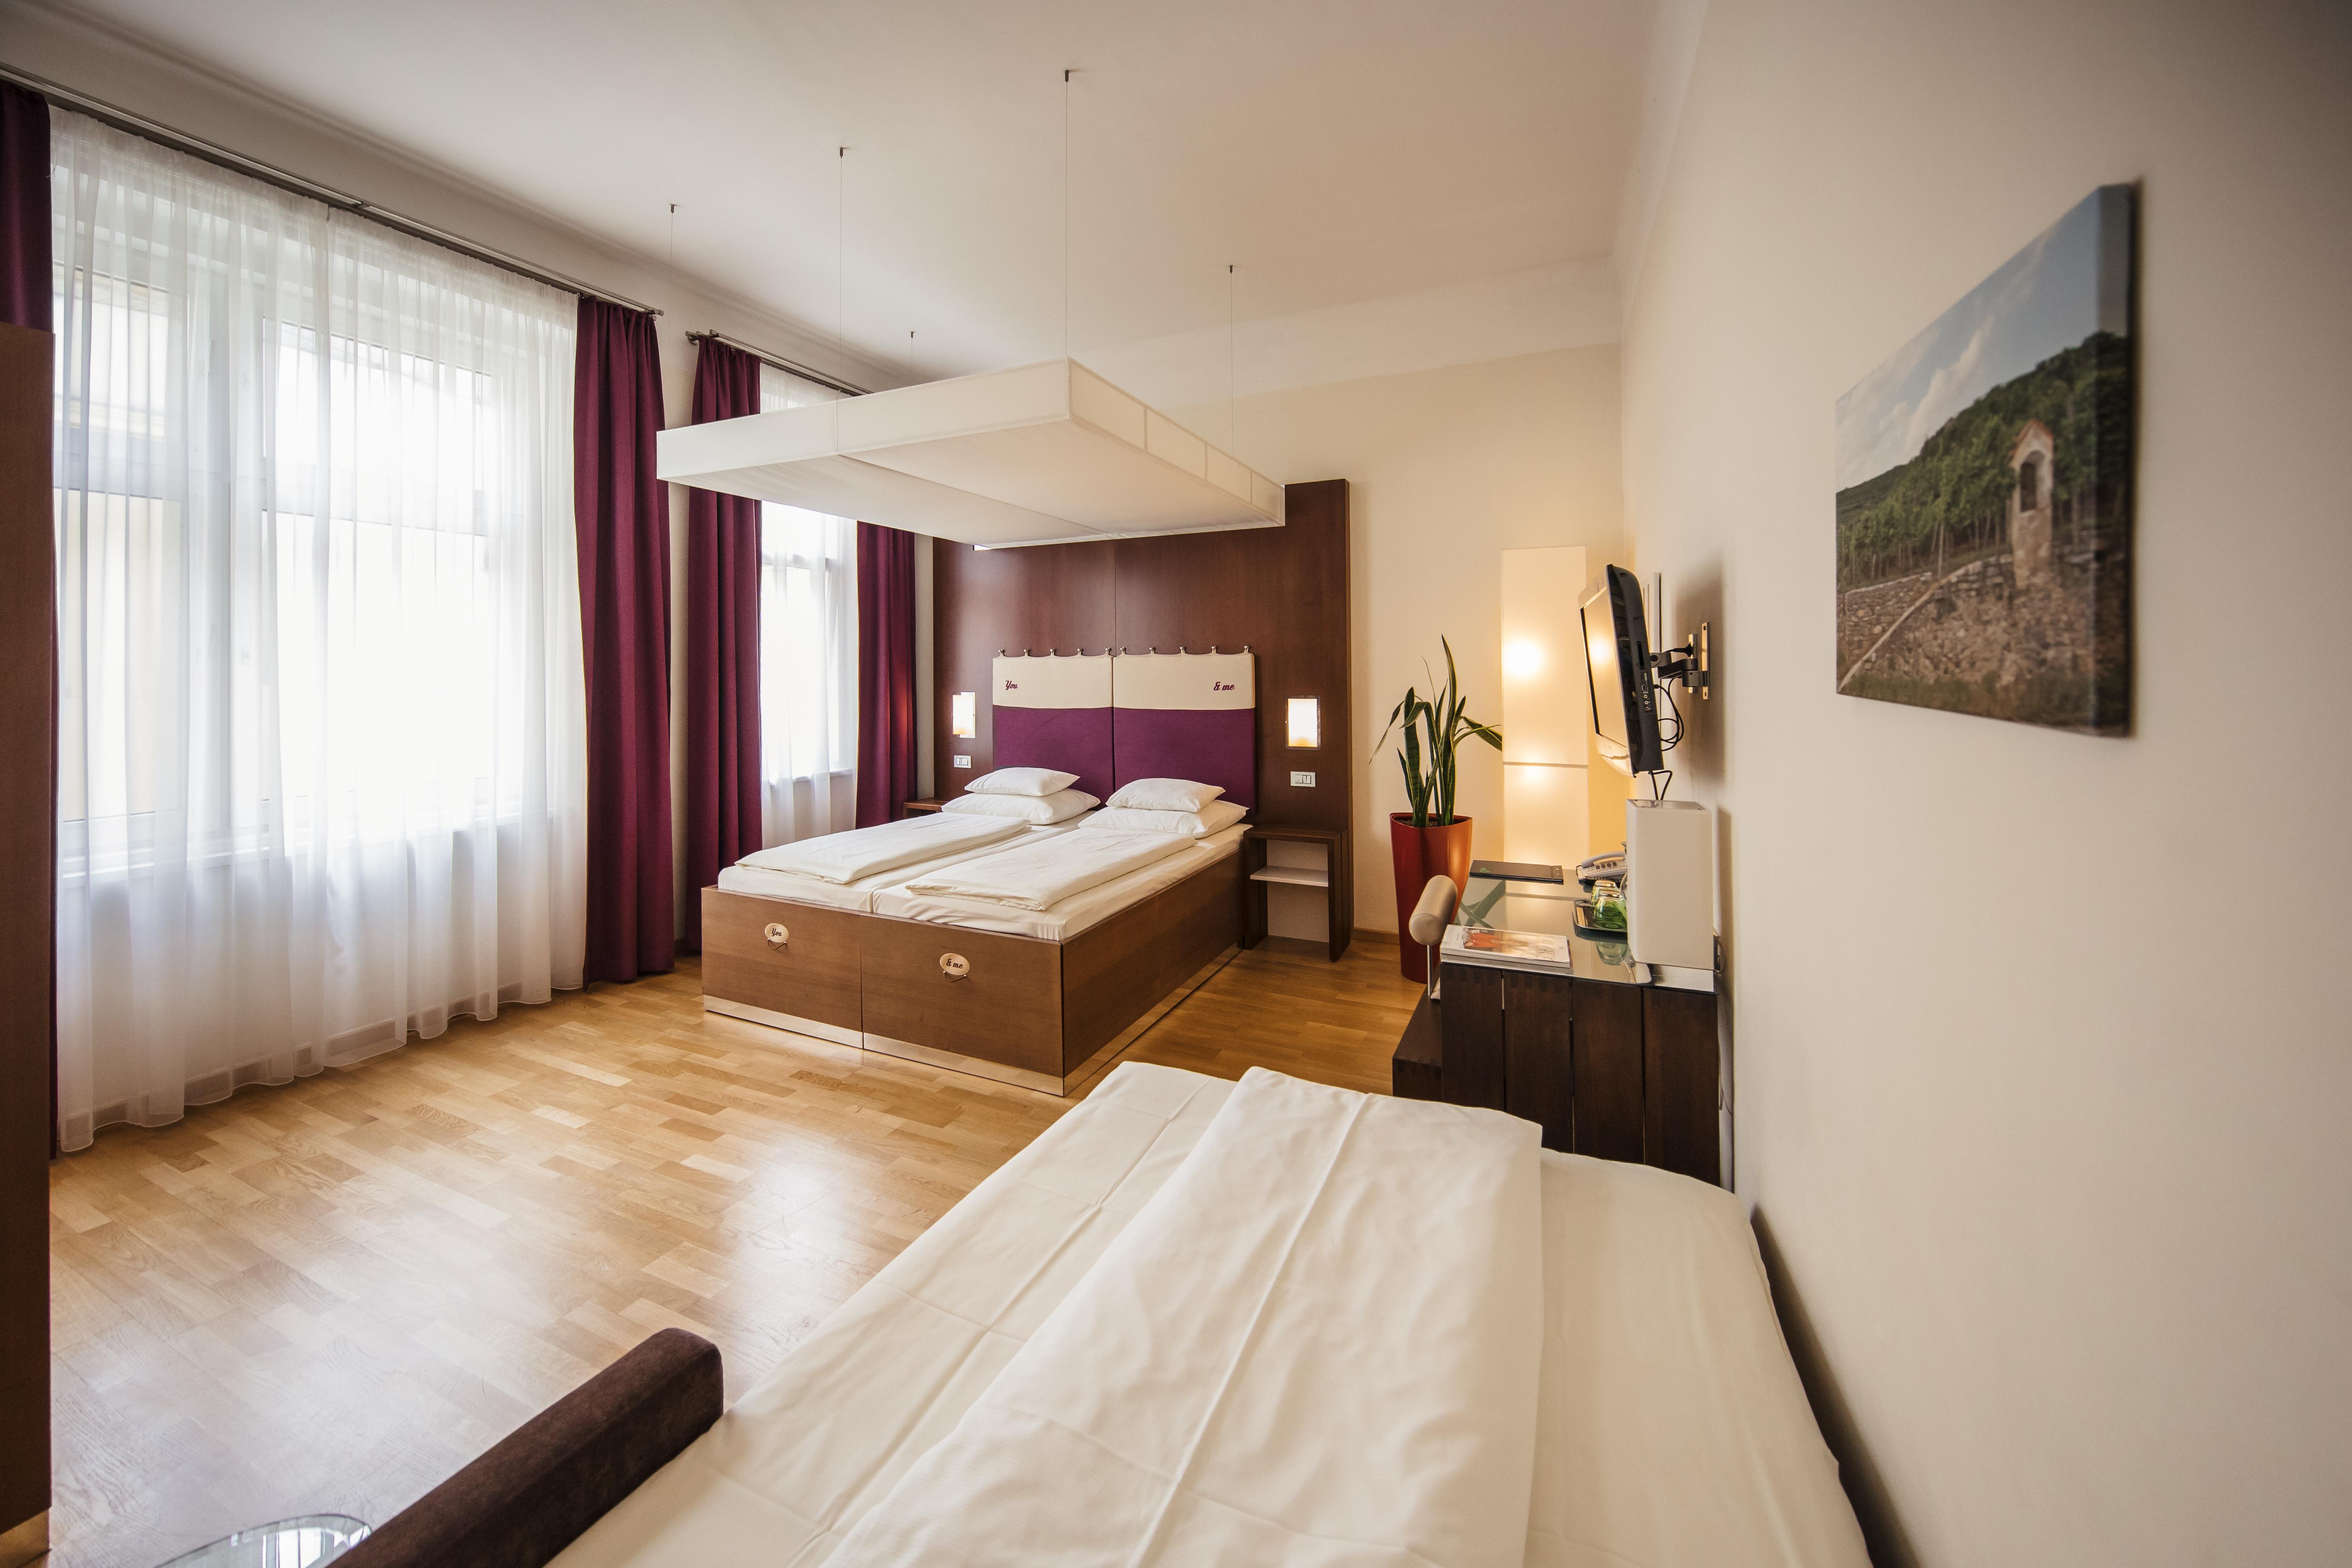 Dreibett-/Familienzimmer - Hotel Rathaus Wien